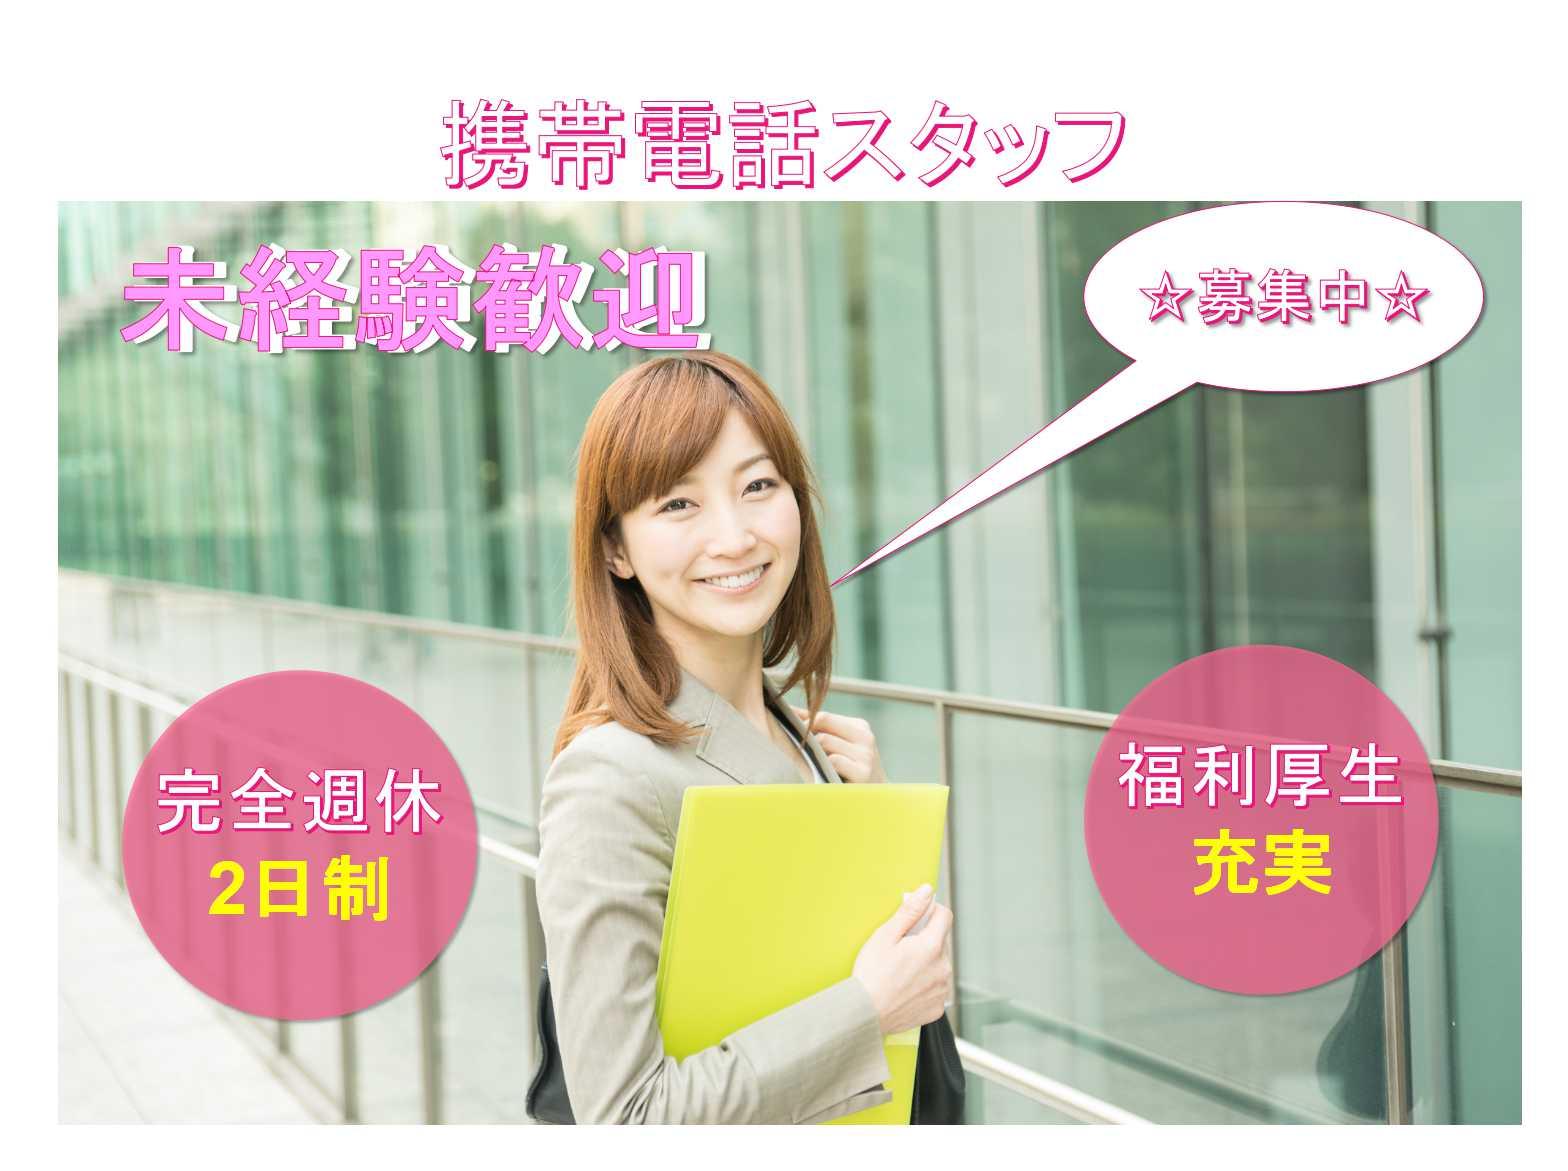 【愛知県半田市】福利厚生充実◆週休2日制◆携帯電話スタッフ募集中◆ イメージ